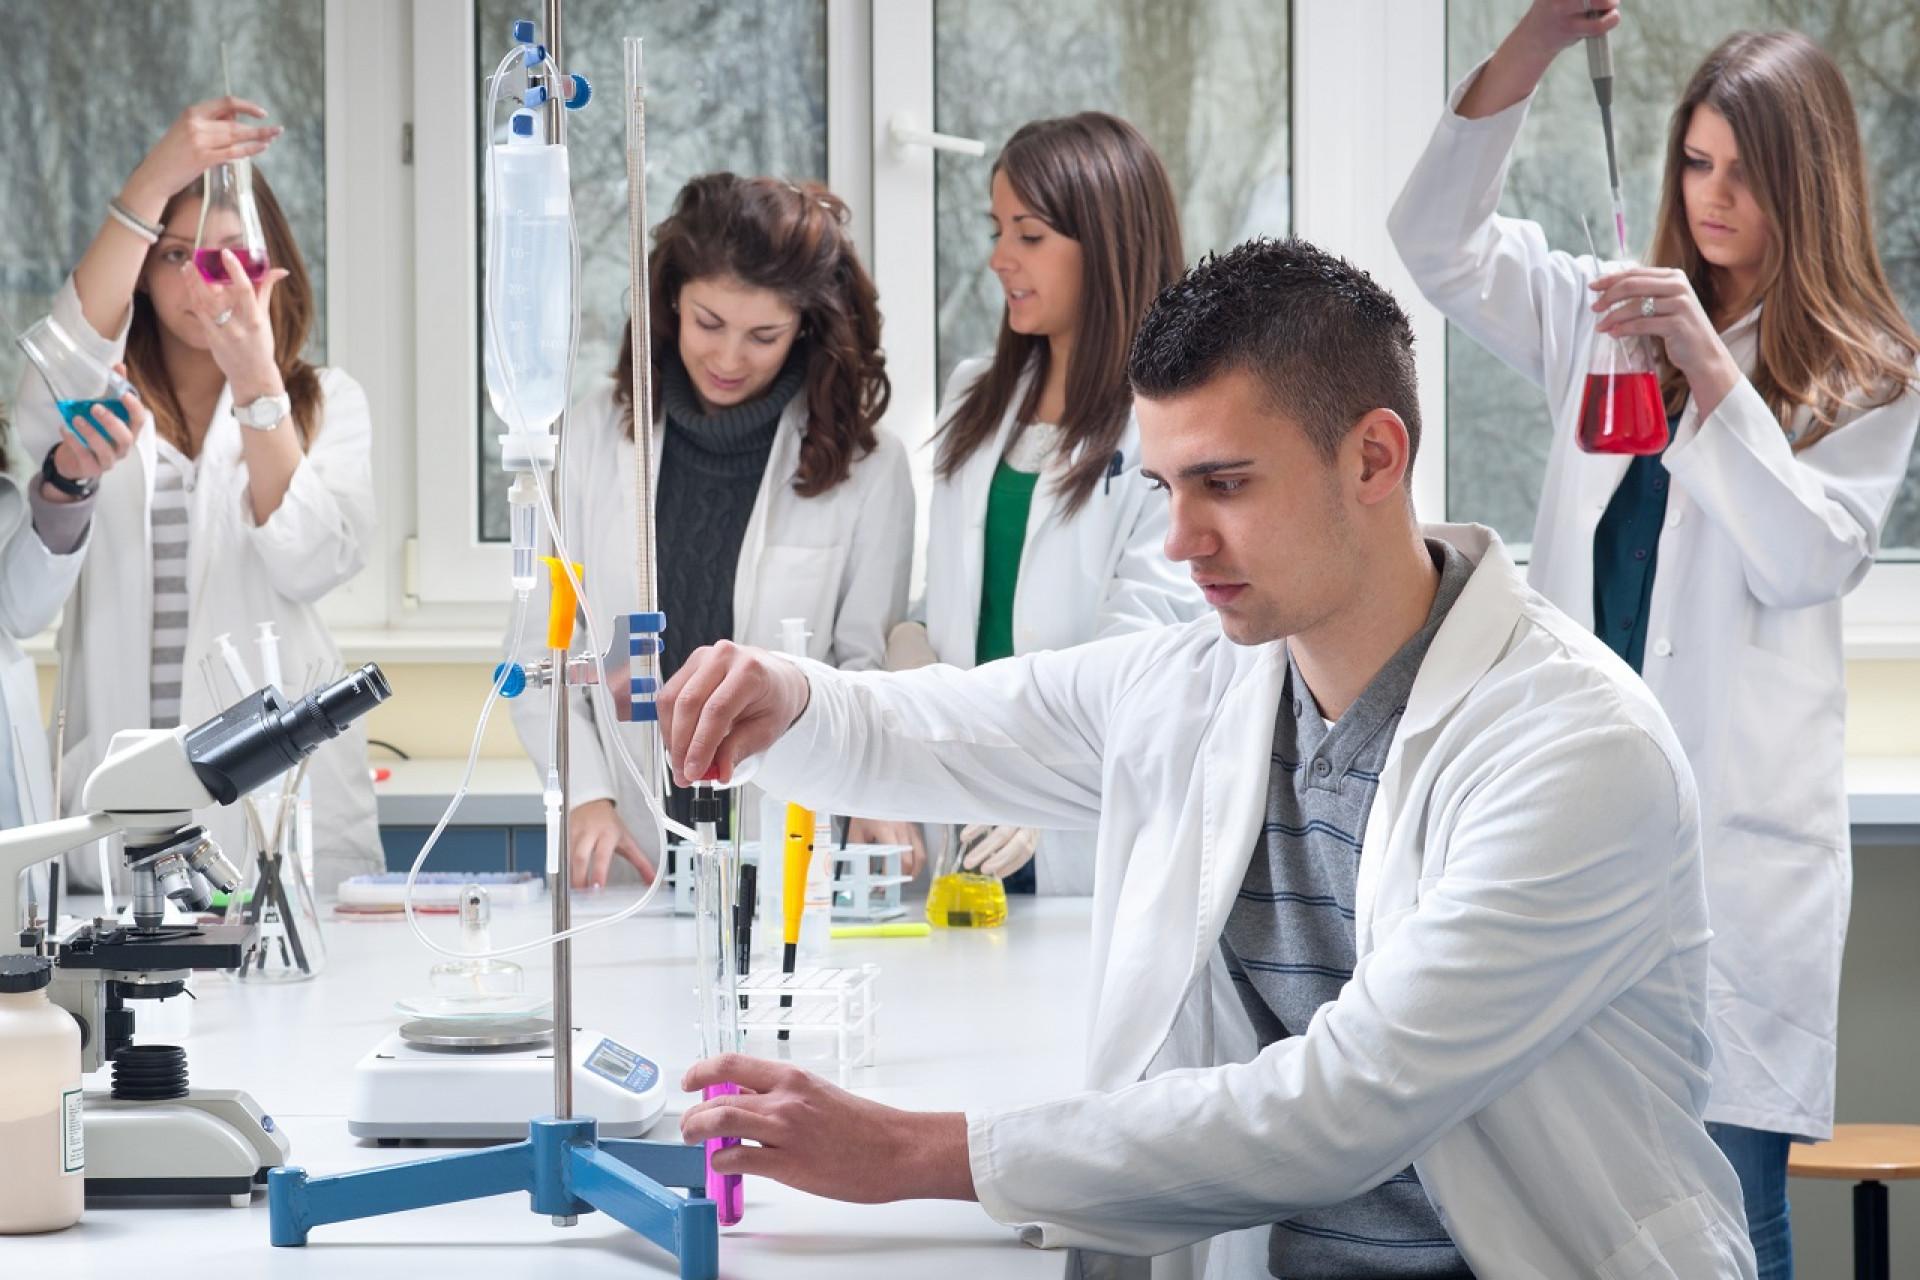 7 mln zł na projekty studenckich kół naukowych